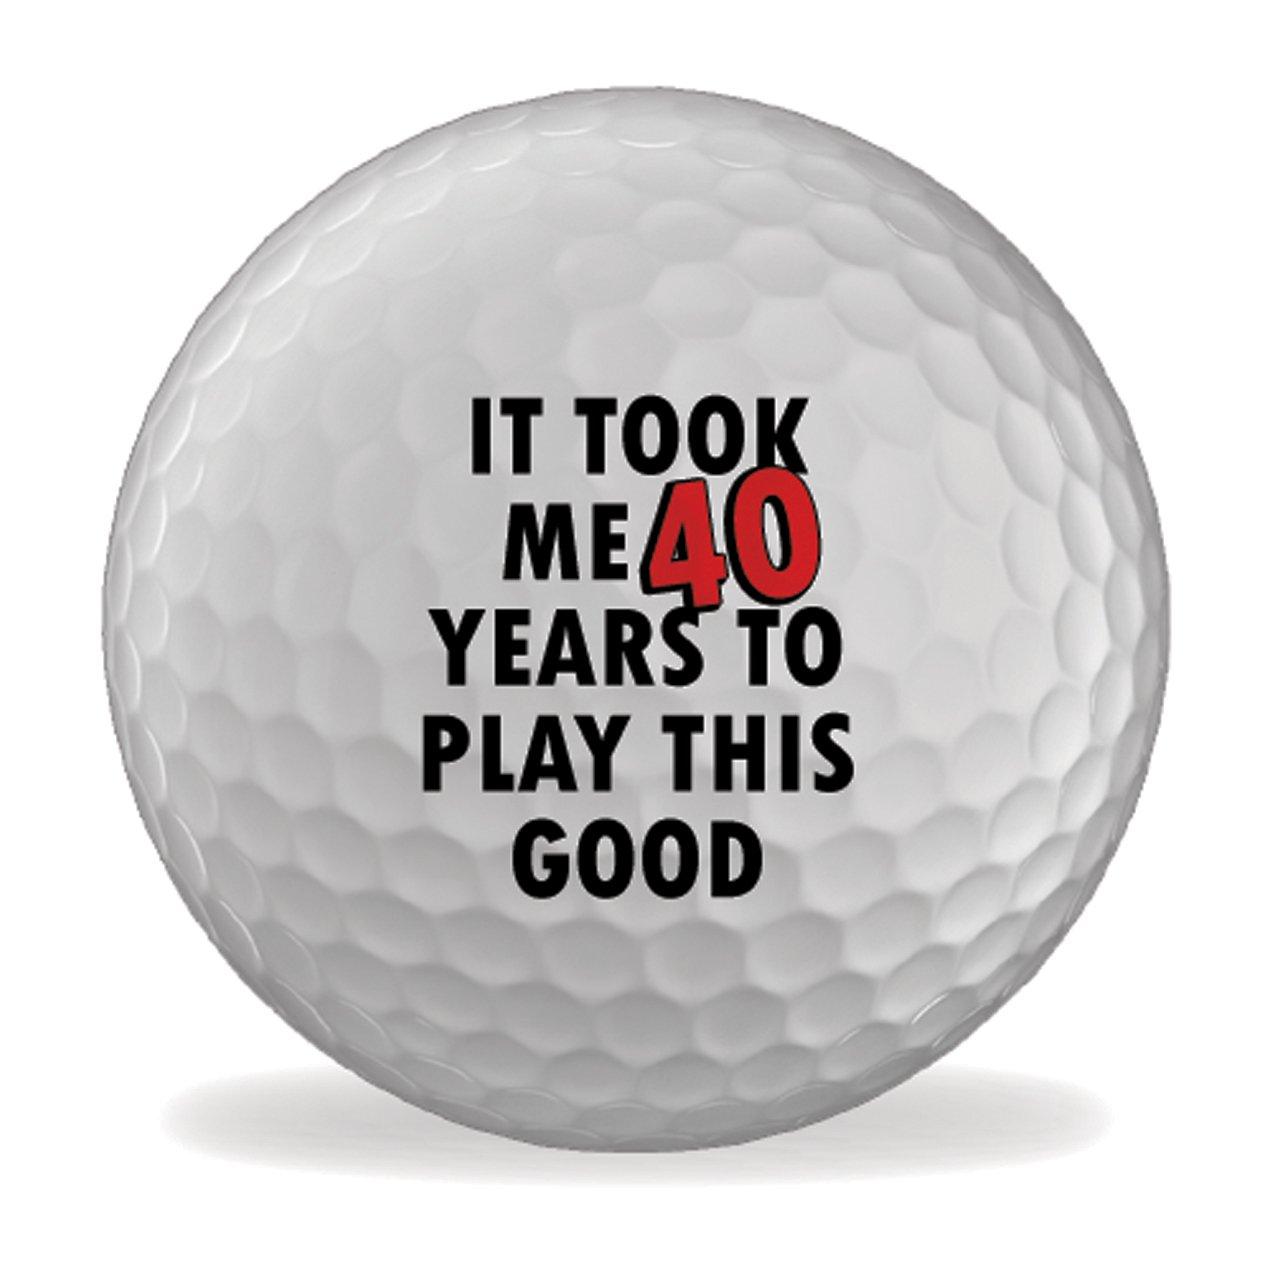 4227236e3969 x 6 MeこのLong Took It Birthday 40th Printedゴルフボール B01CNVKPUS ...